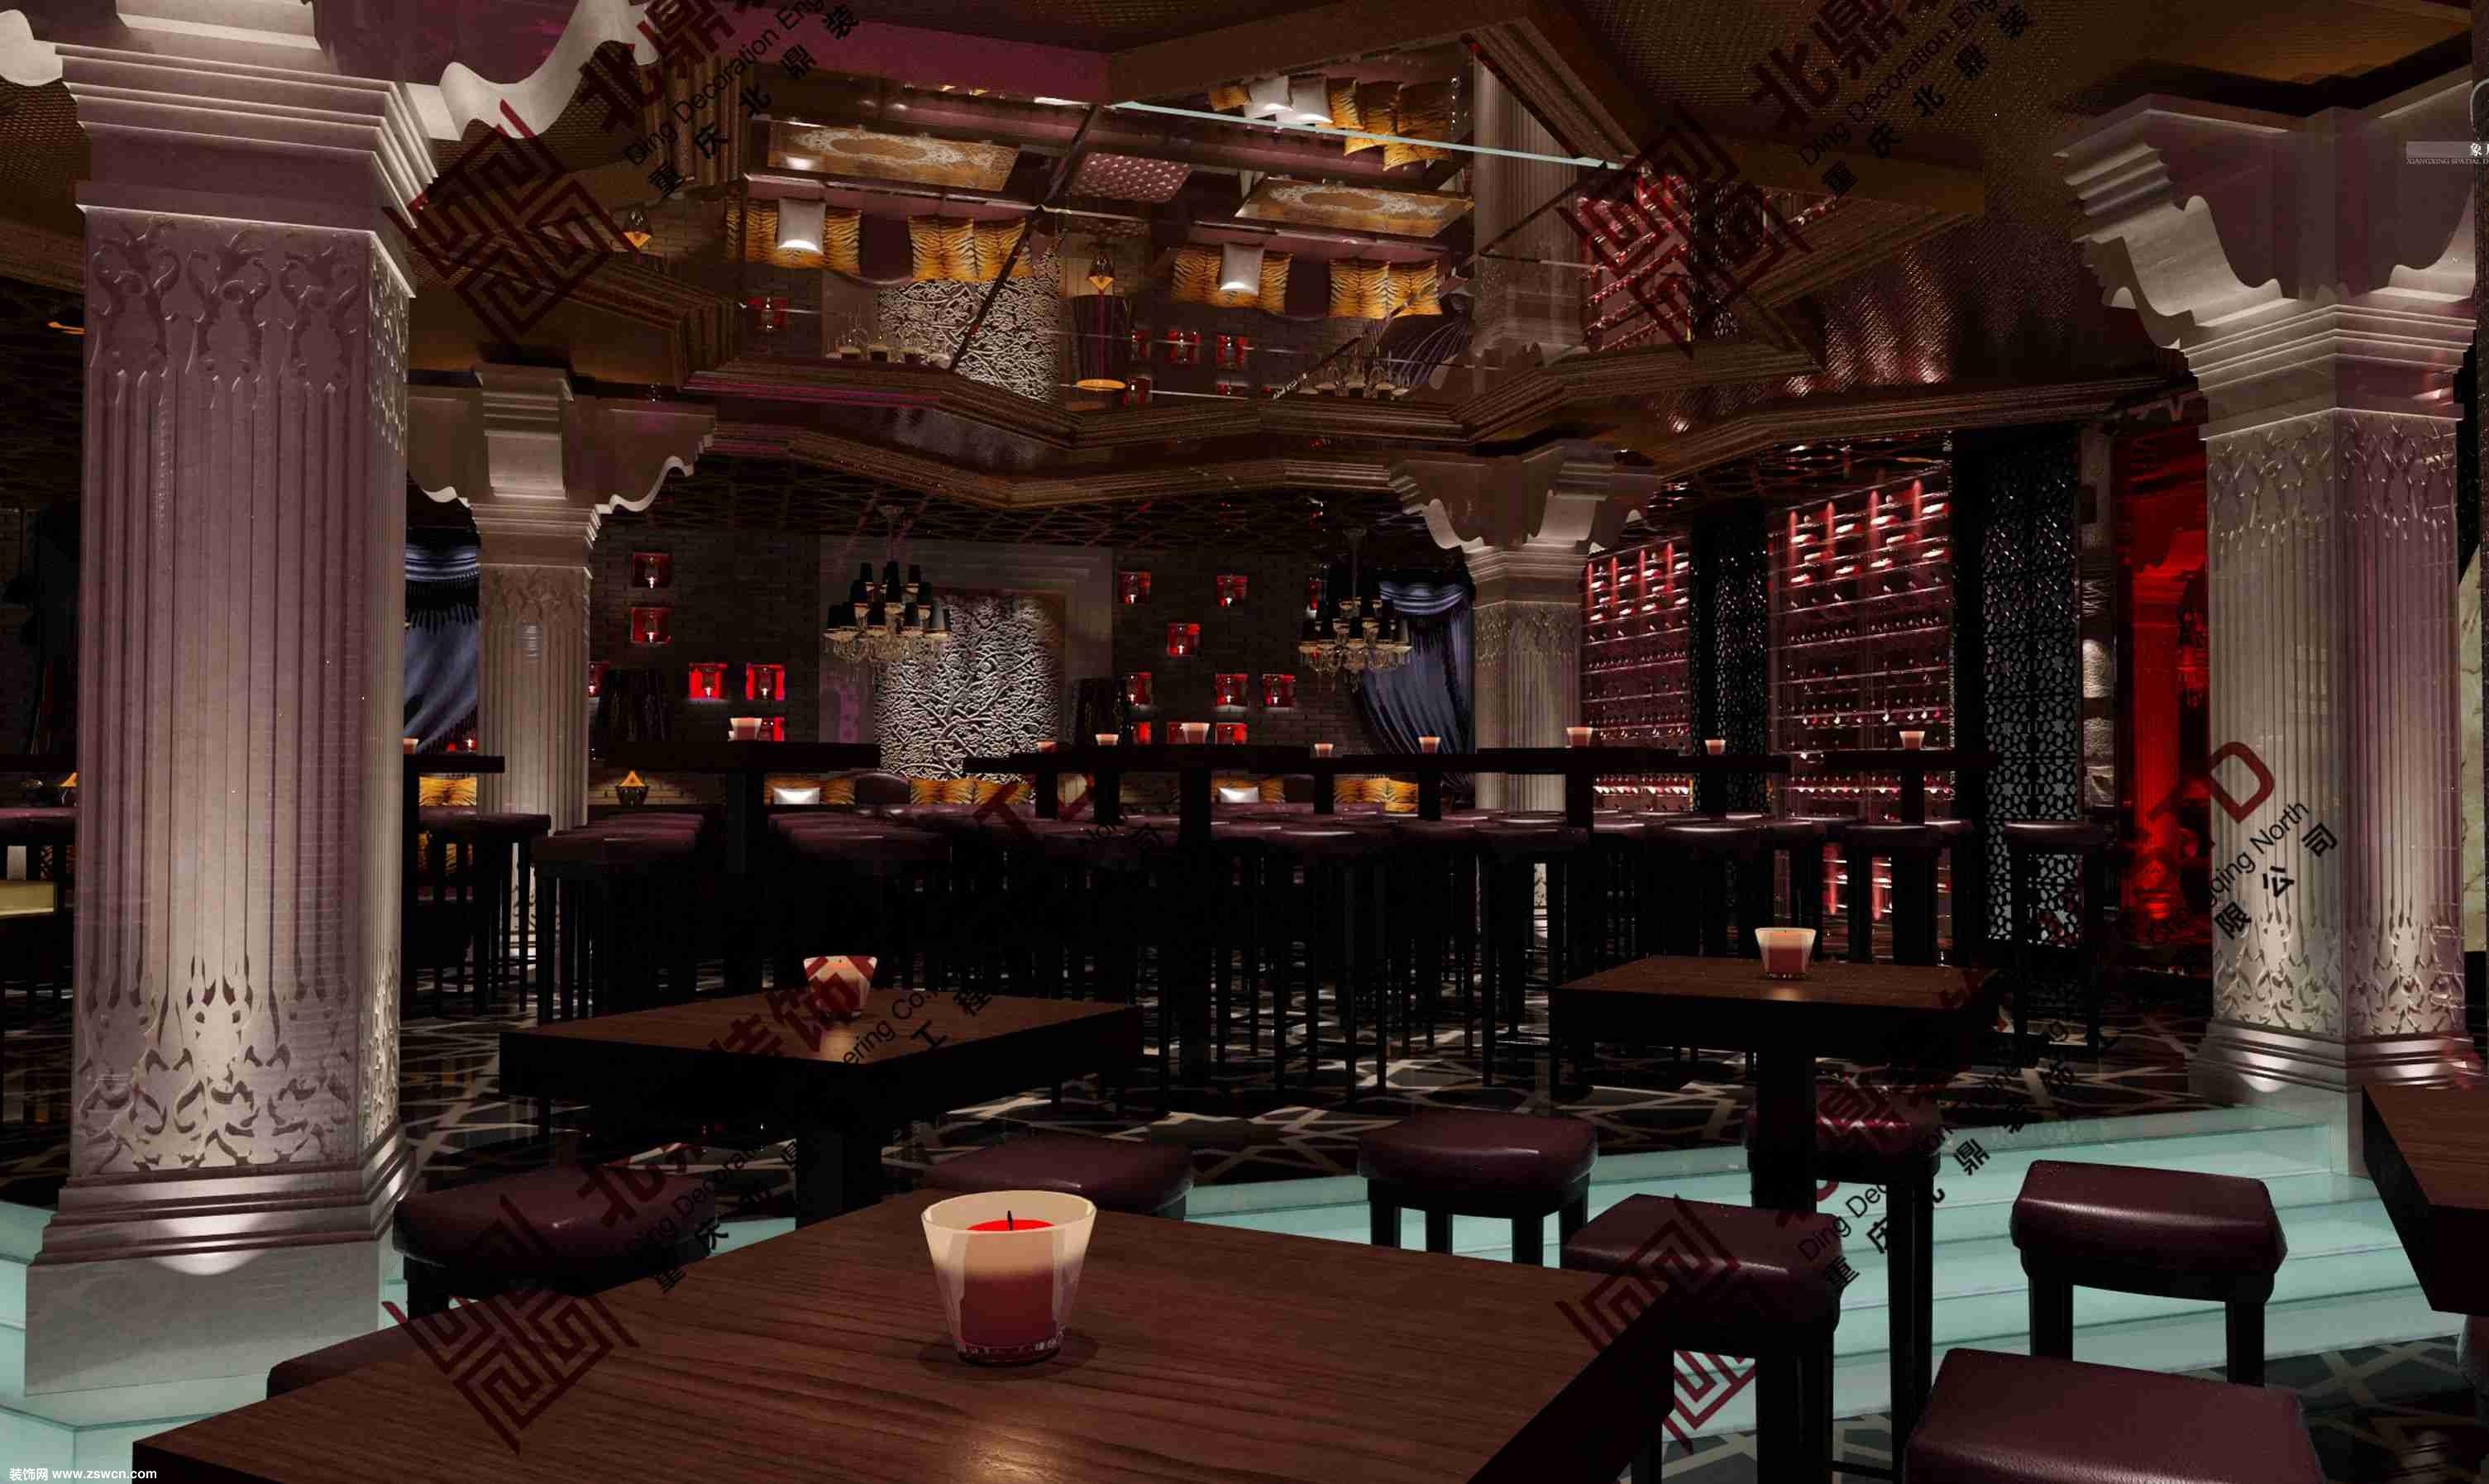 重庆酒吧装修重庆酒吧设计重庆酒吧装修设计